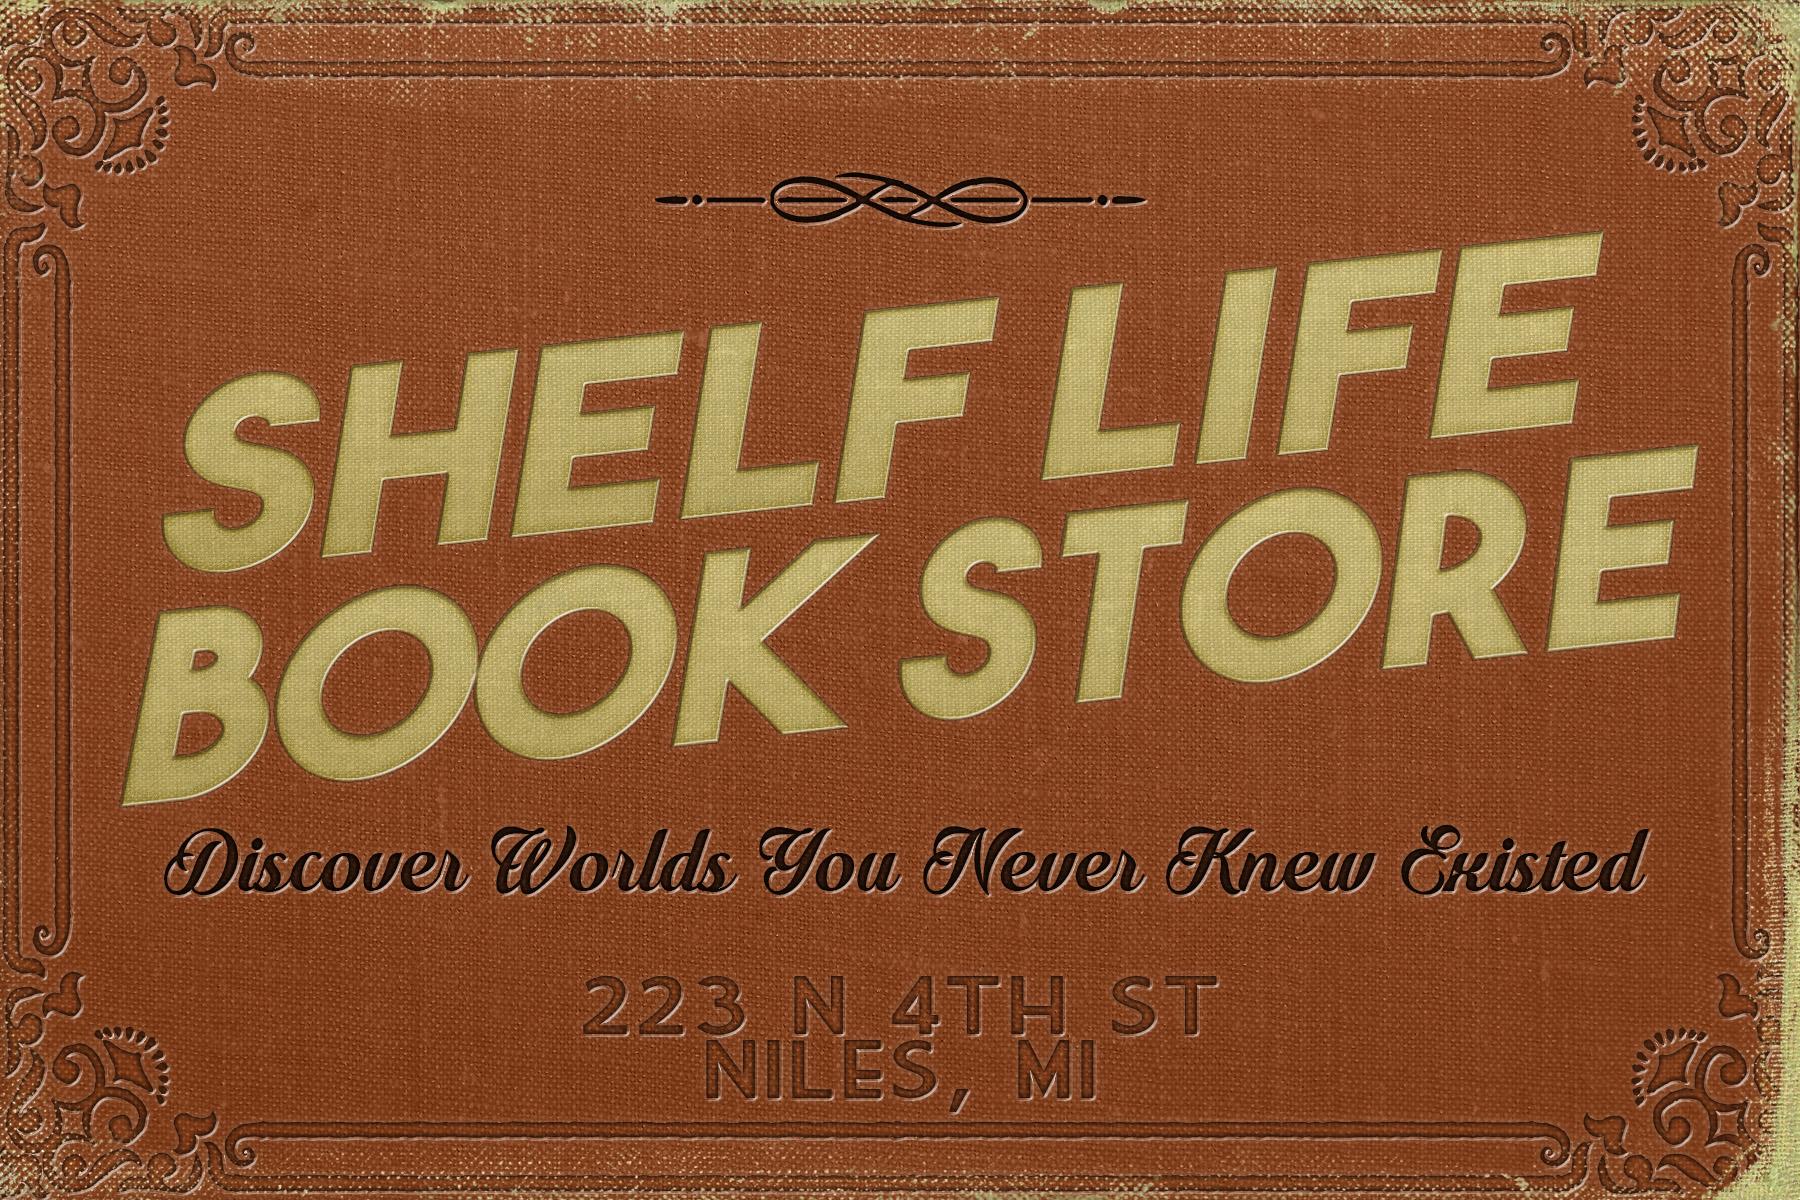 Shelf Life postcard.jpg